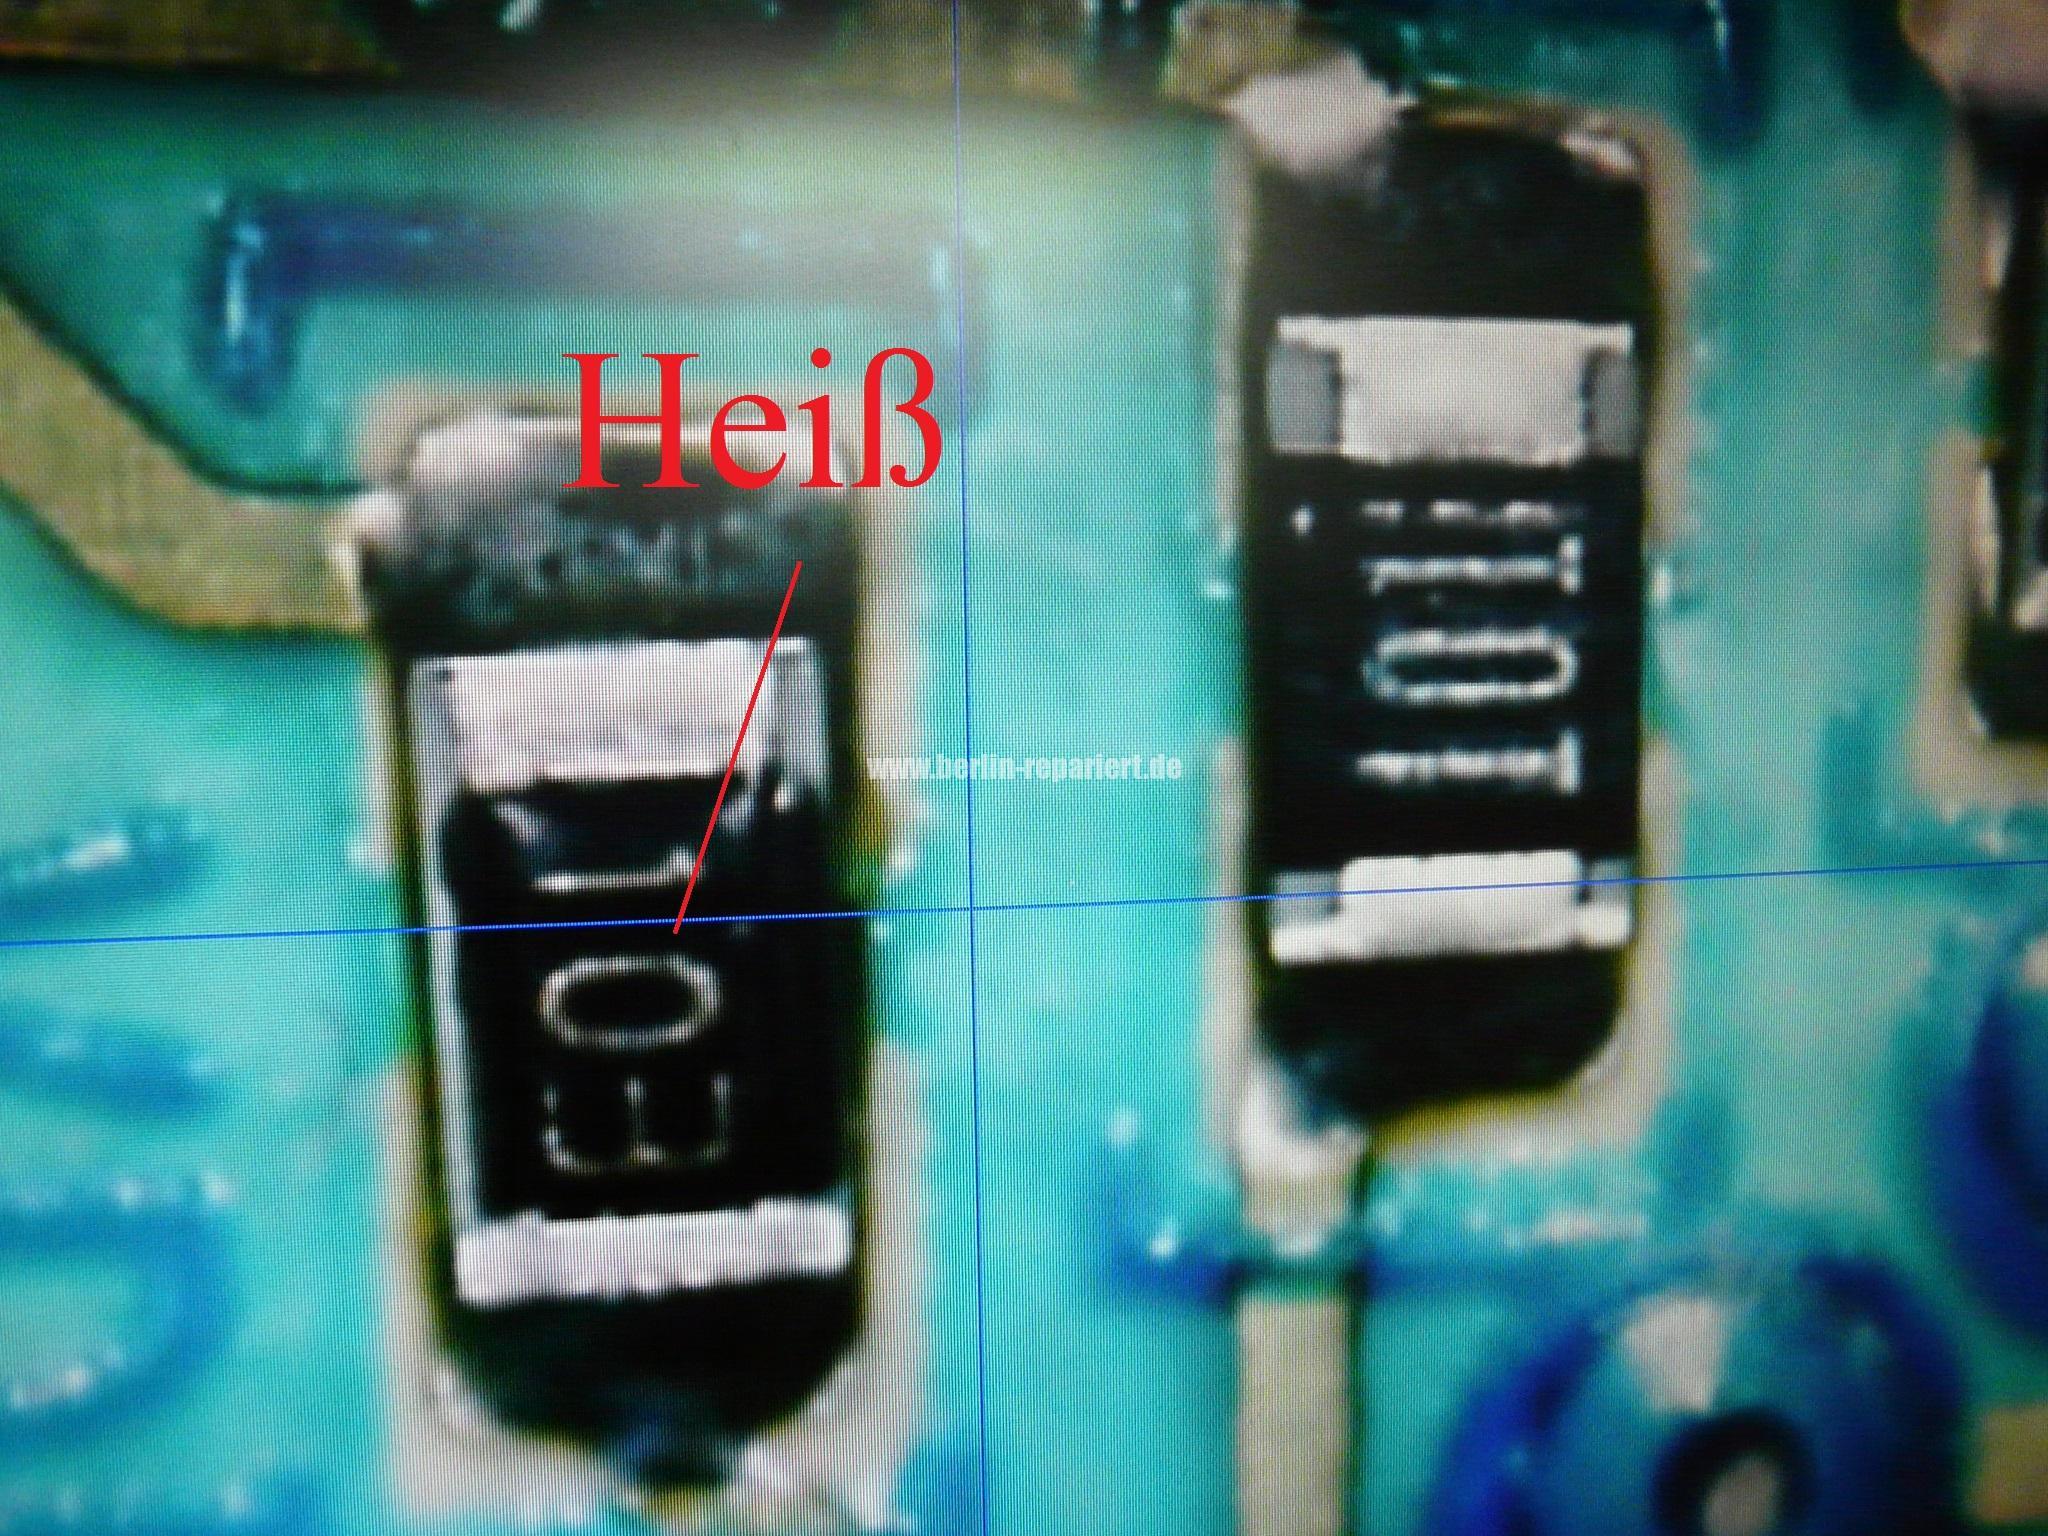 aeg geschirrsp ler heizt nicht elektronik reparieren aeg f6050vi heizt nicht und r2 d2 leon s. Black Bedroom Furniture Sets. Home Design Ideas